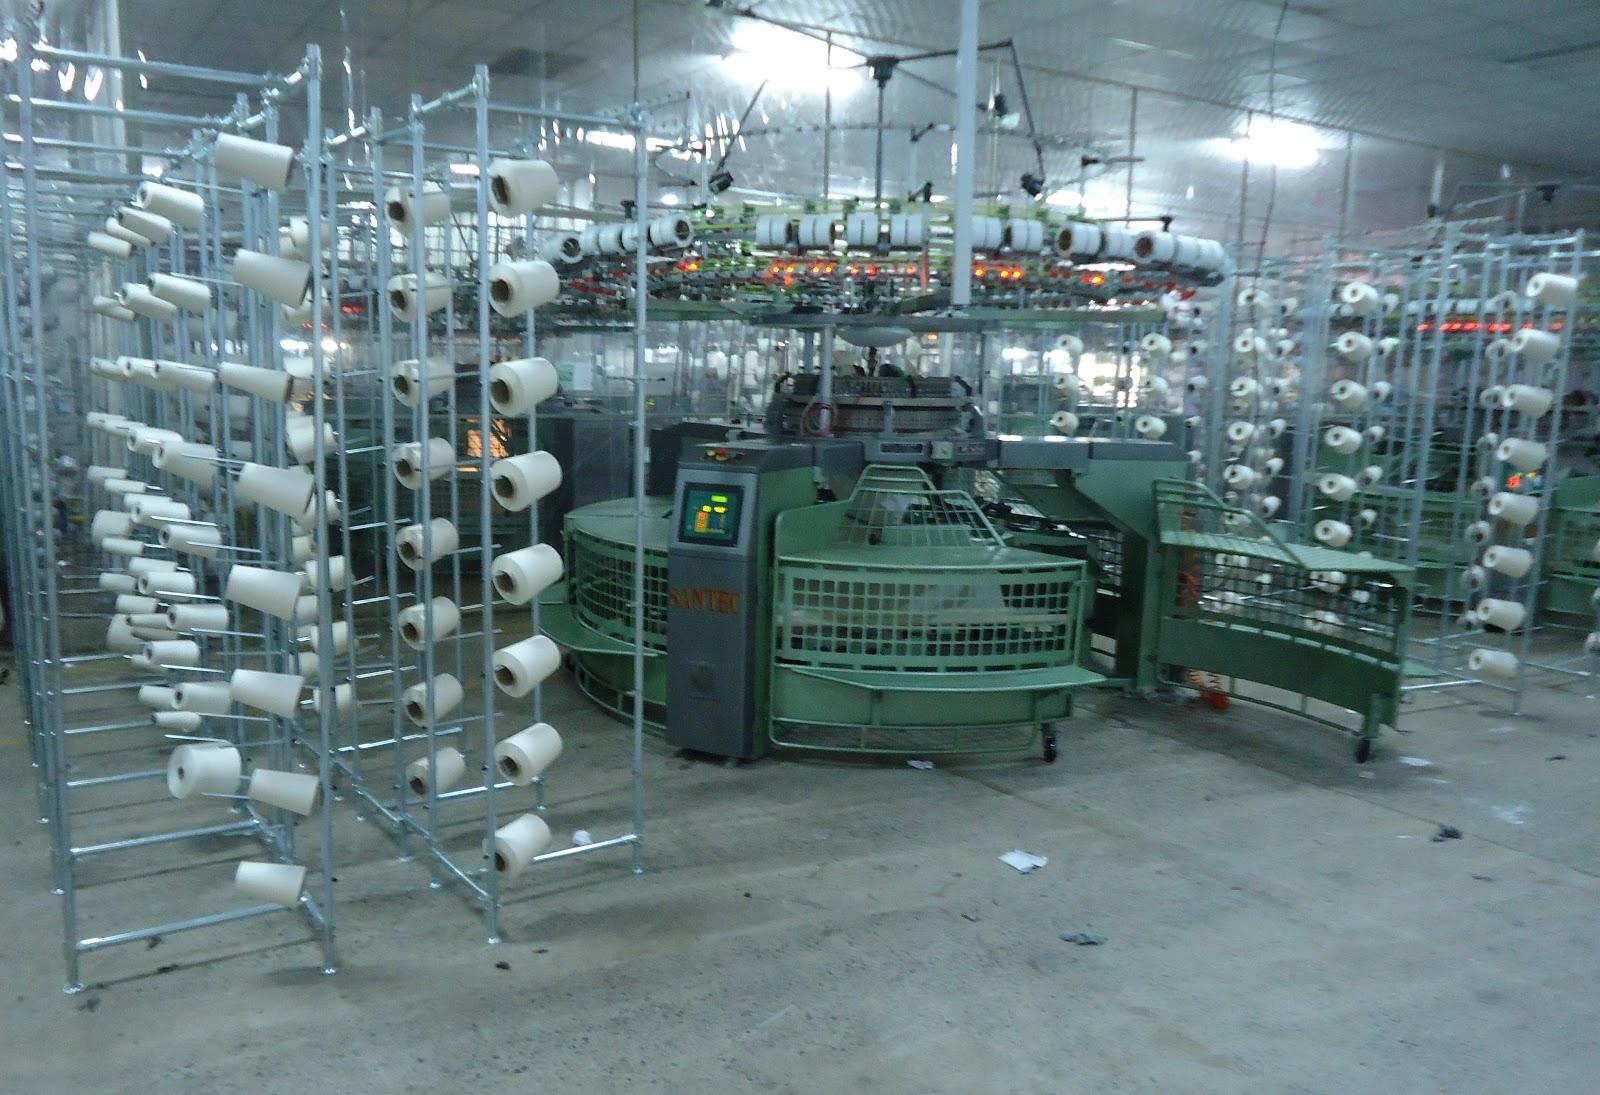 Knitting Jobs Uk : Indika automation knitting machine maintenance